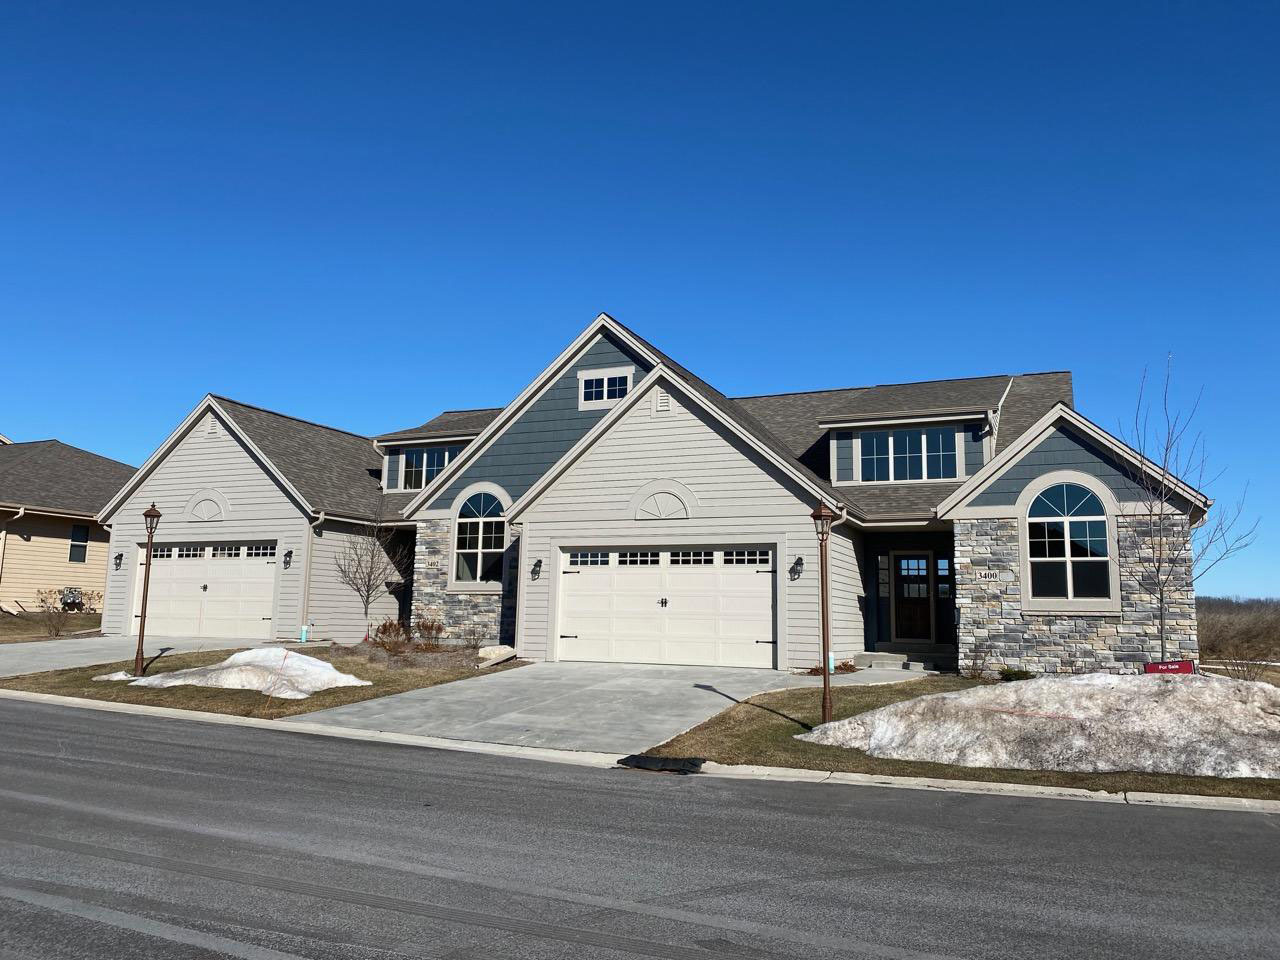 3400 Walnut Trl, Waukesha, Wisconsin 53188, 2 Bedrooms Bedrooms, ,2 BathroomsBathrooms,Condominiums,For Sale,Walnut Trl,1,1679673